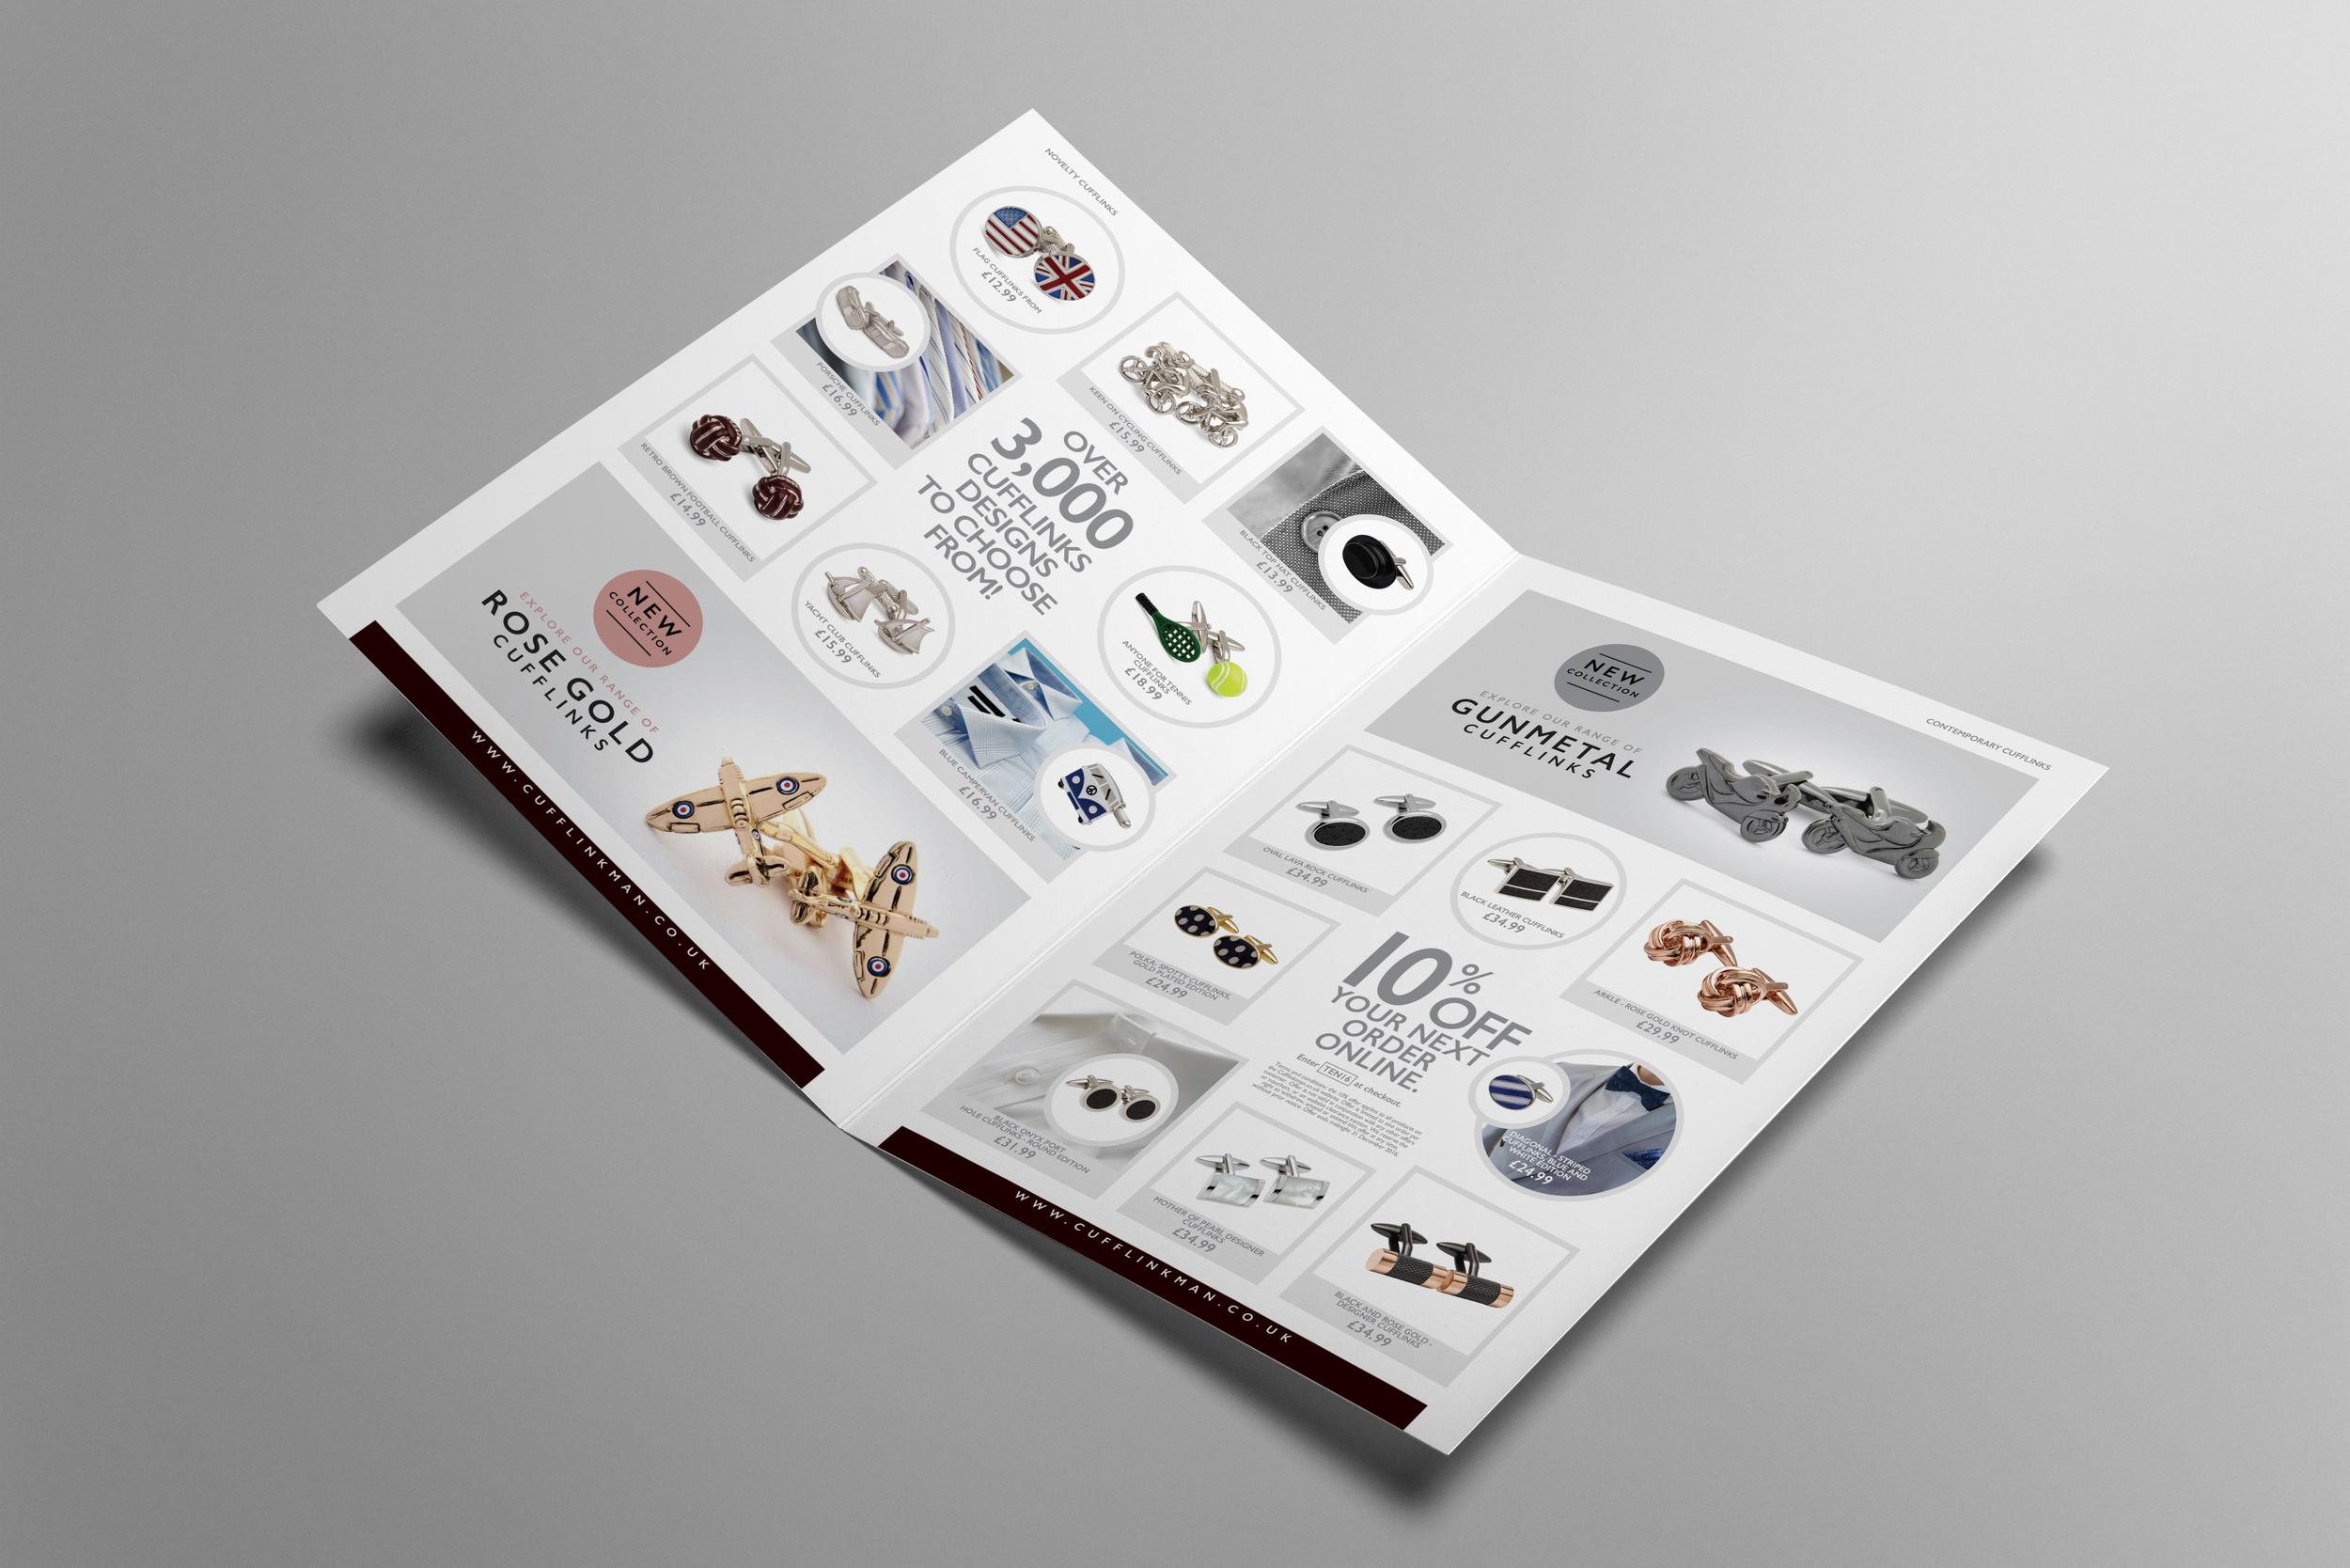 Graphic design for Cufflinkman.com